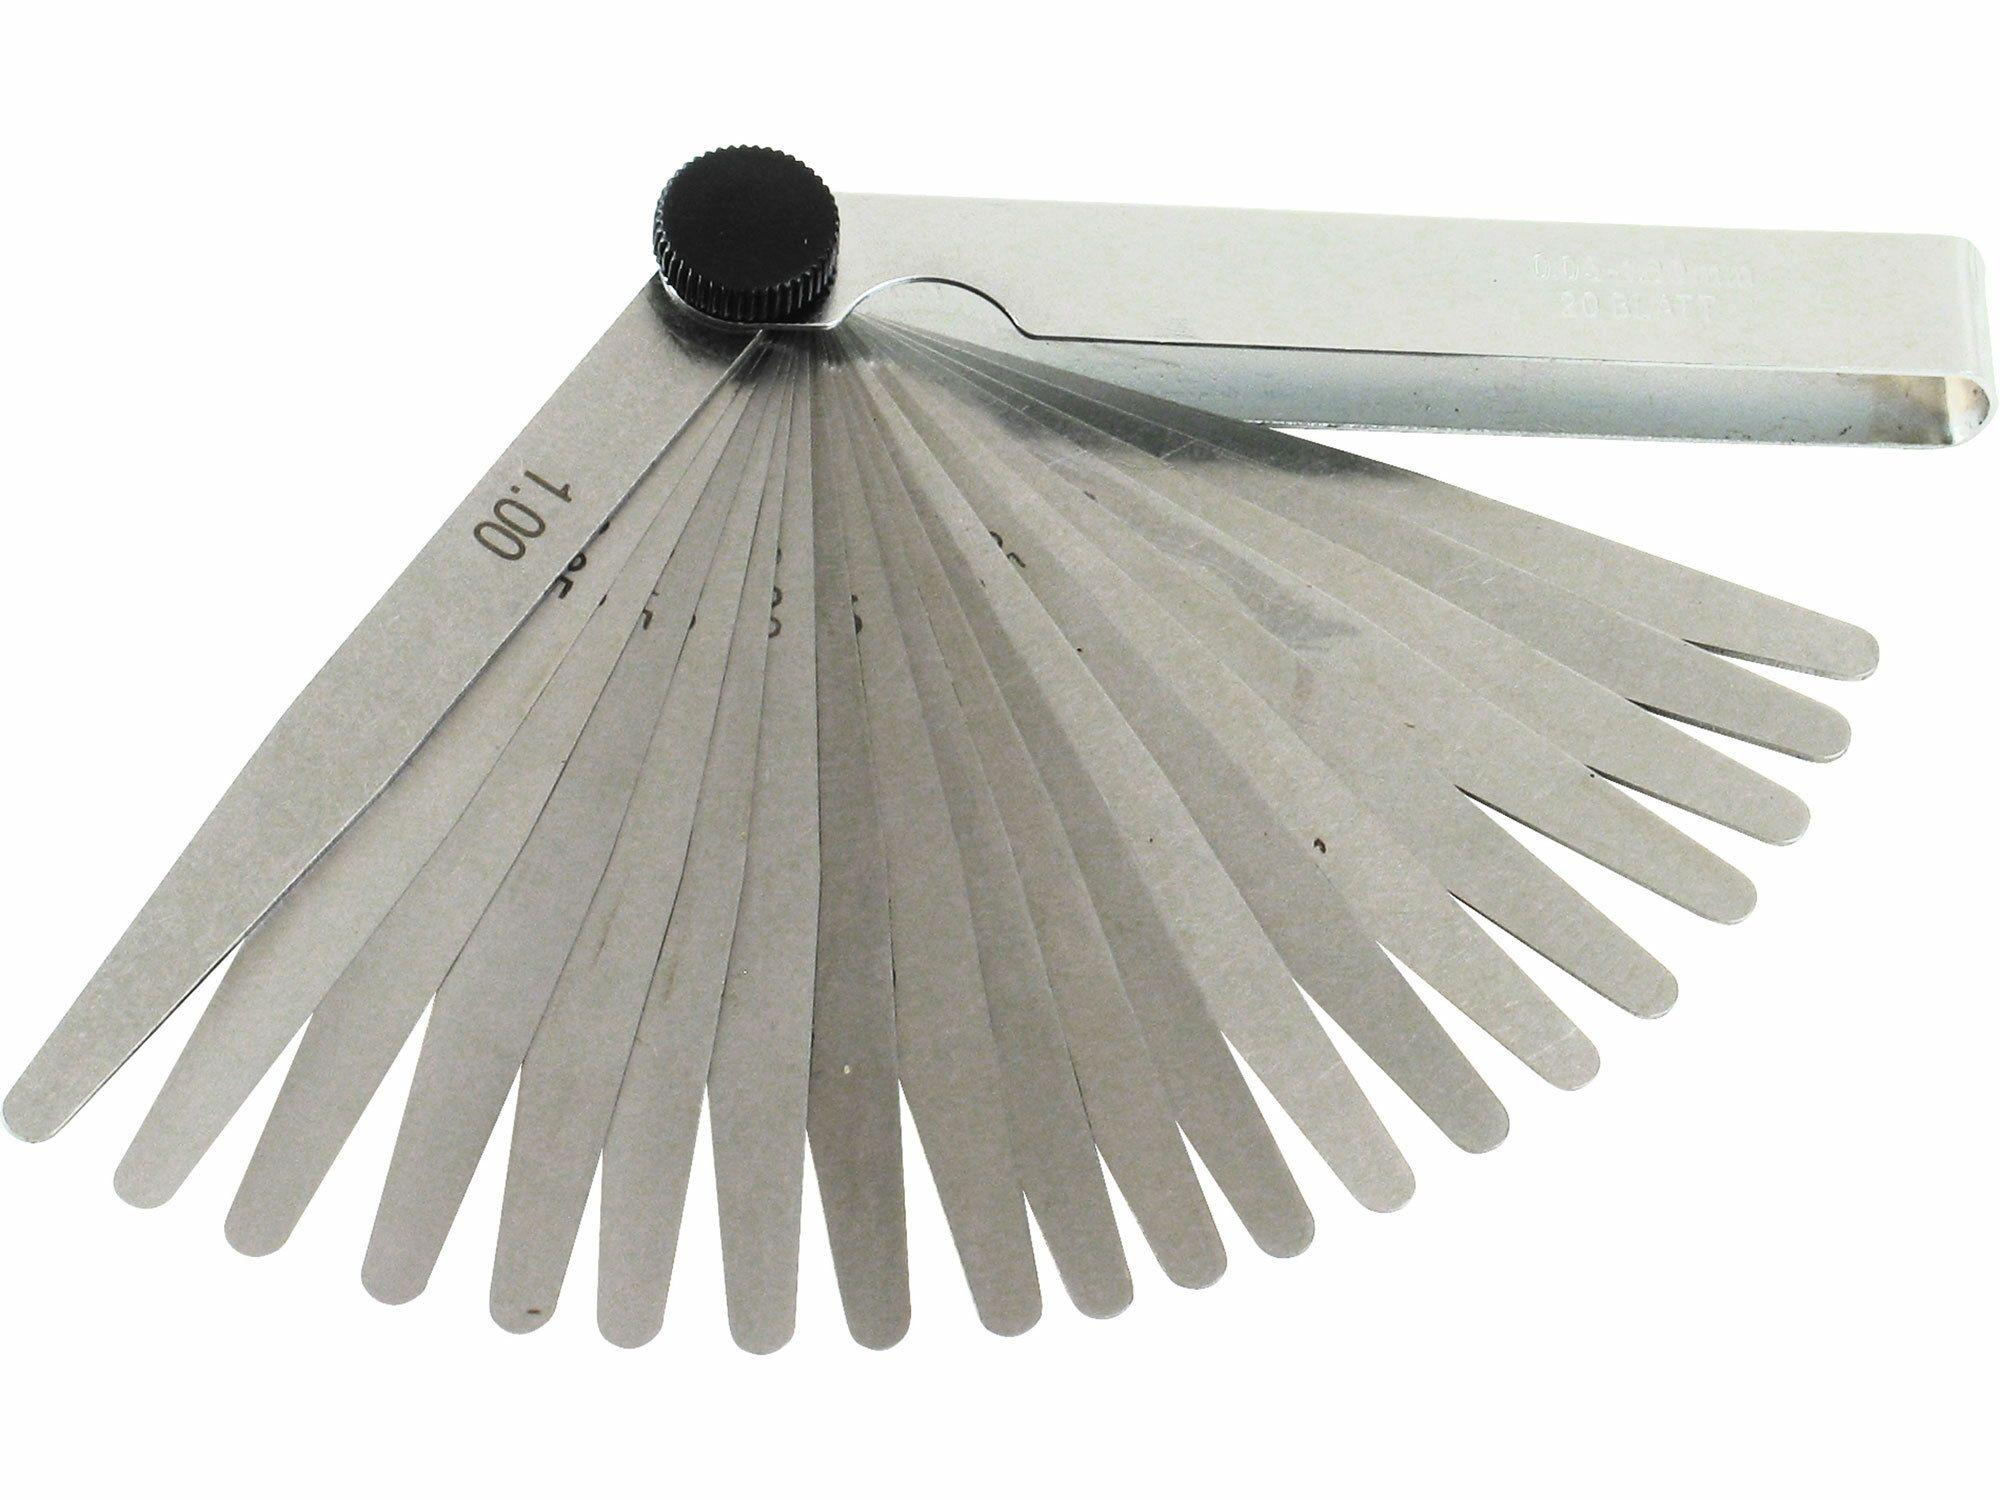 Měrky spárové, 20ks, 0,05-1mm EXTOL-CRAFT